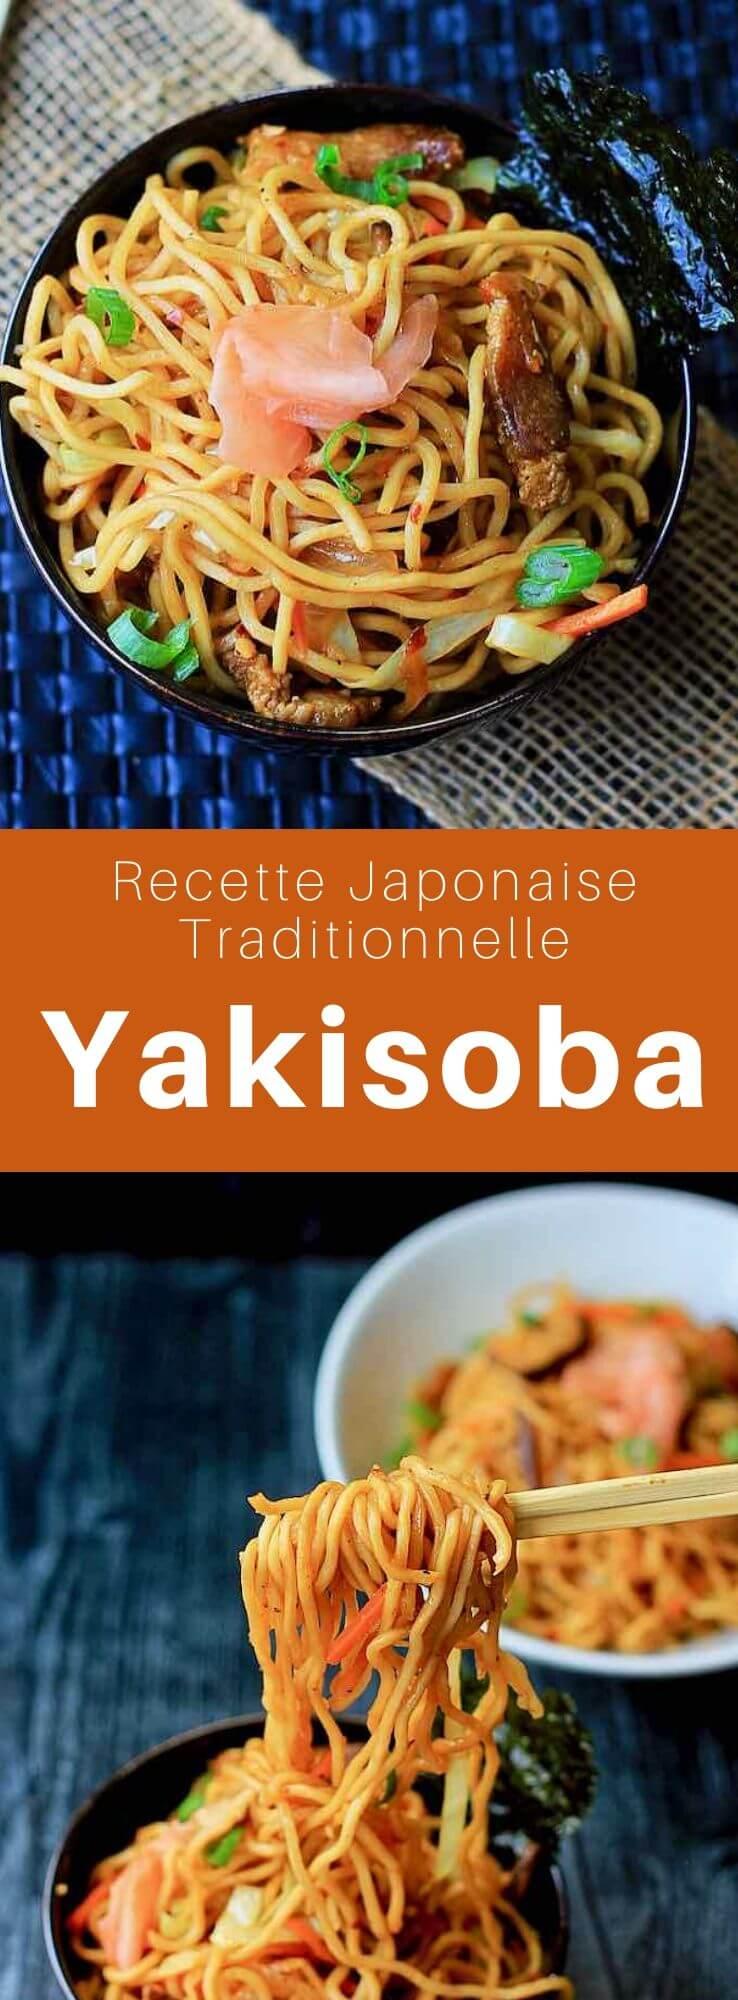 Les yakisoba (焼きそば) sont un plat japonais d'origine chinoise à base nouilles et de porc. On les appelle chao mian (炒面) en chinois et chow mein en cantonais. #Japon #CuisineJaponaise #RecetteJaponaise #CuisineDuMonde #196flavors